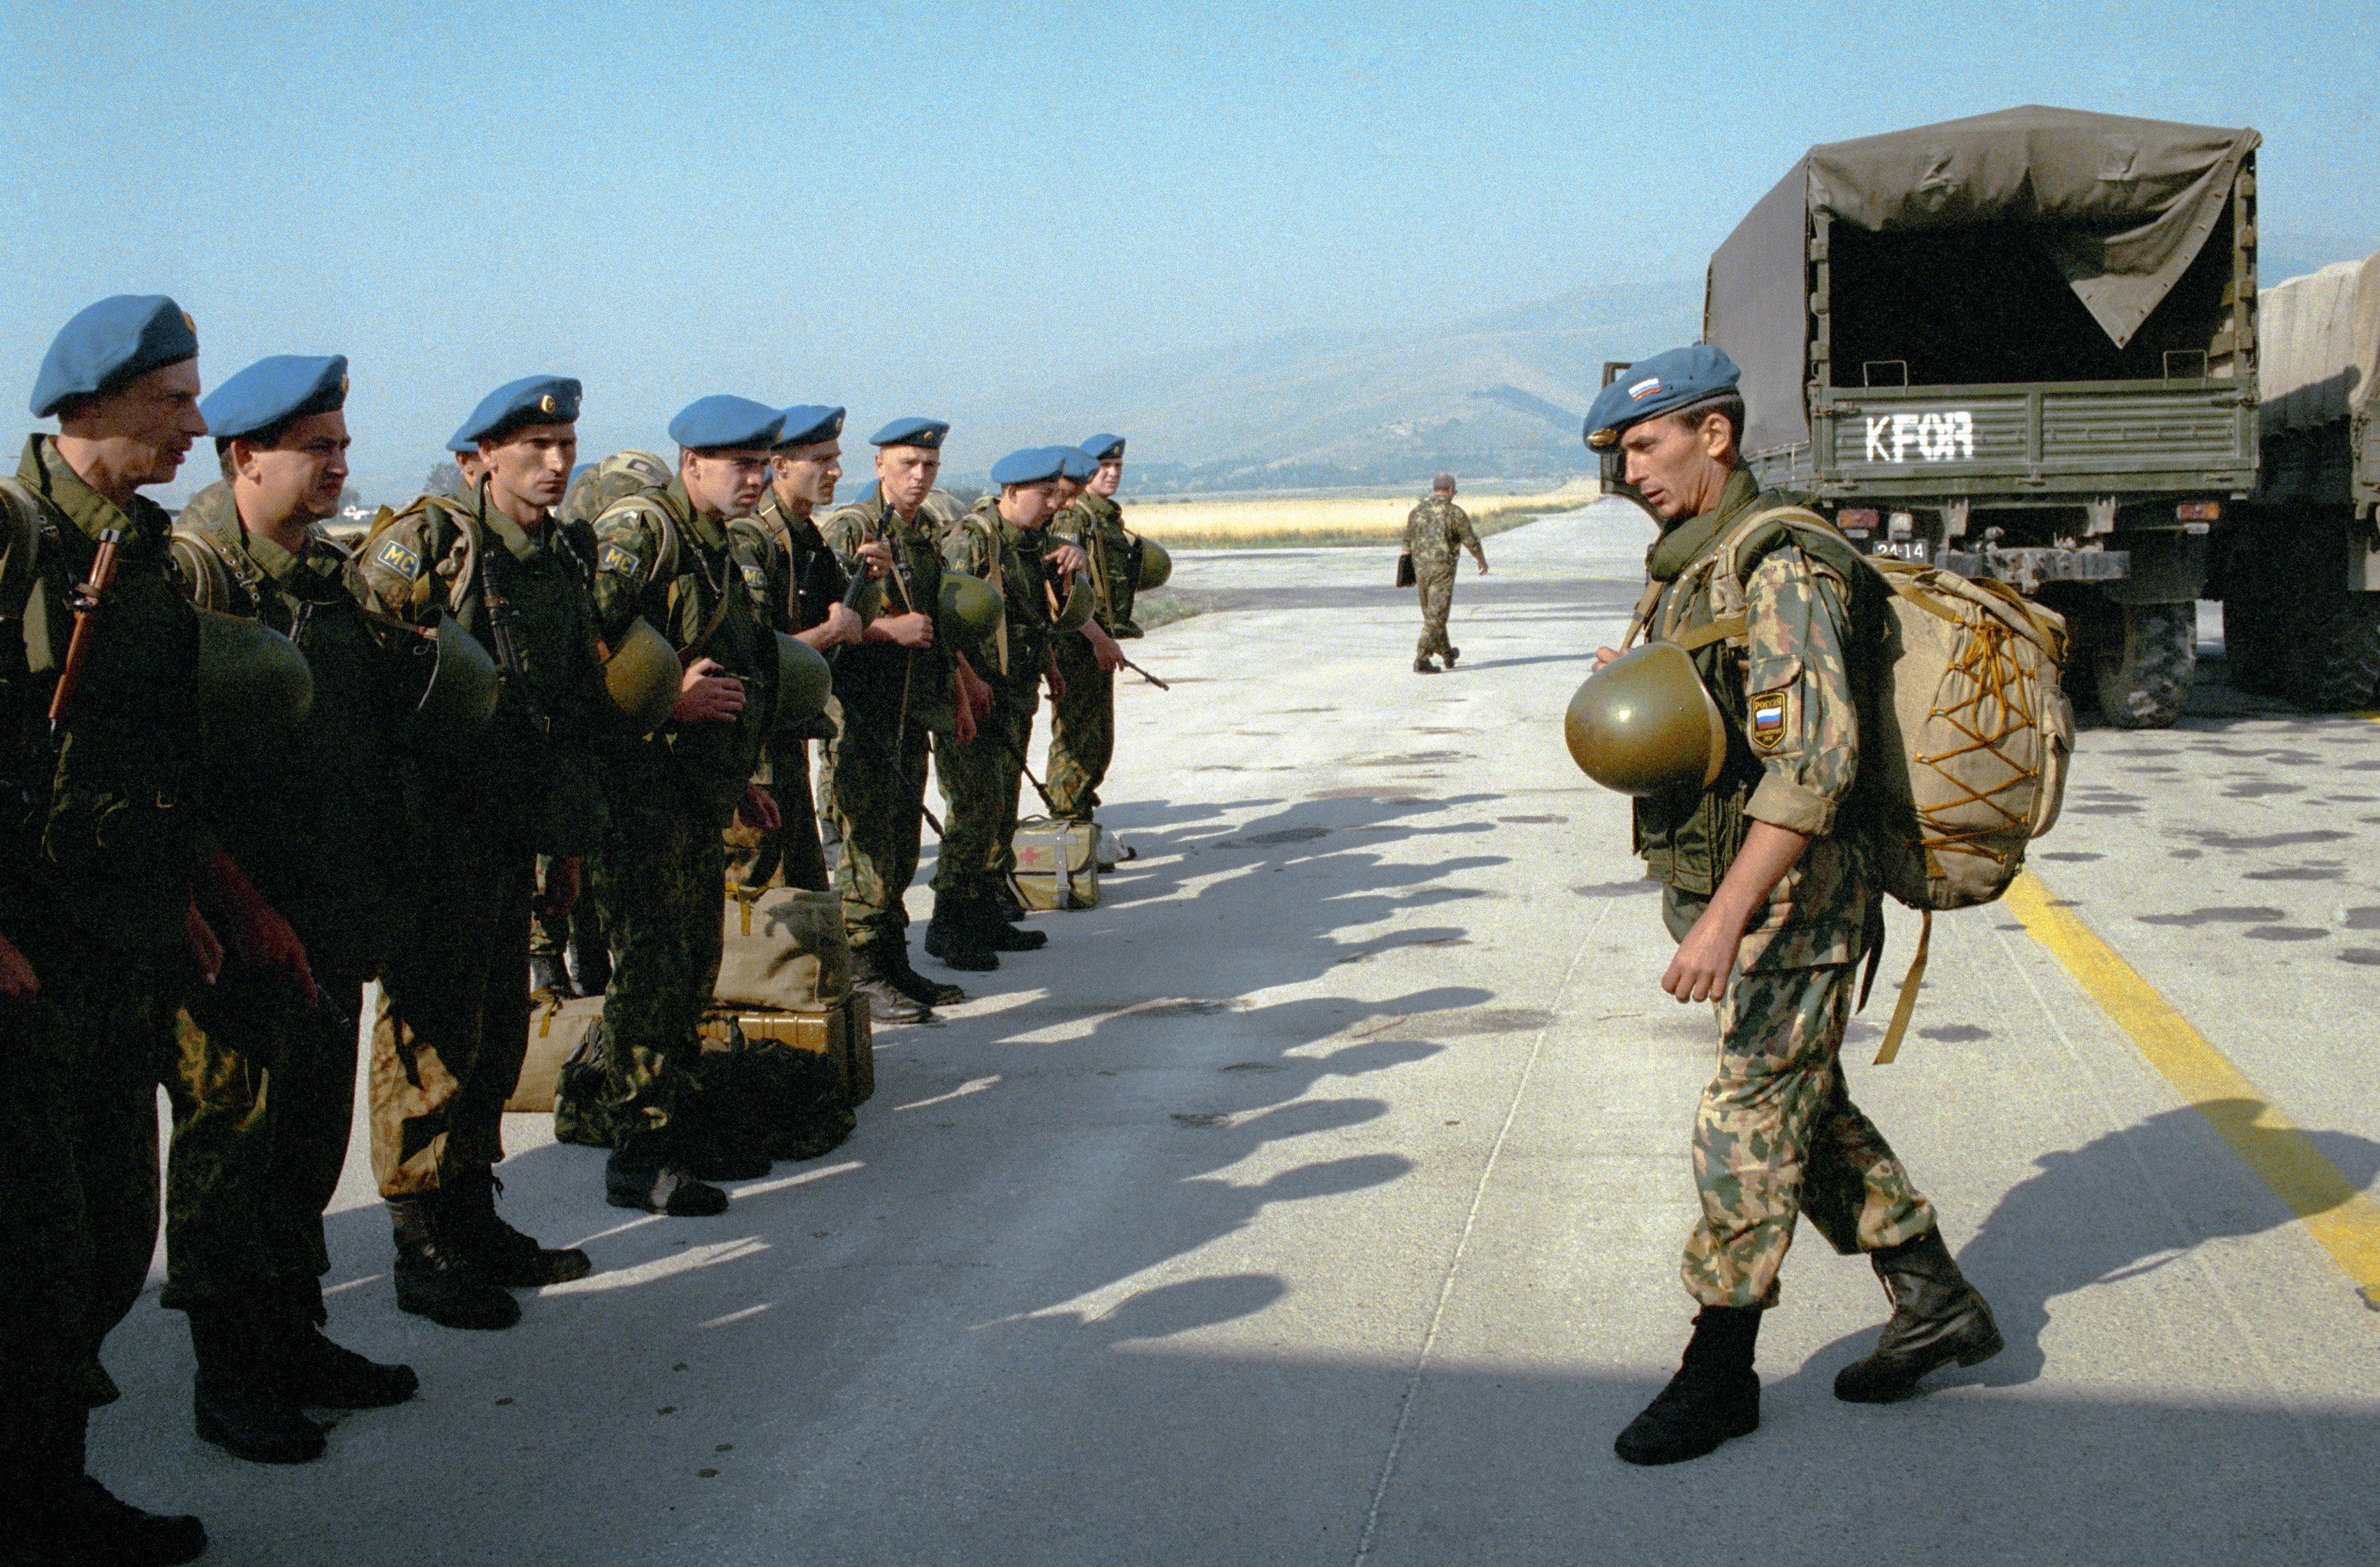 200人組成的混成營閃電般地進軍斯拉蒂納機場,以制止英國軍人進入科索沃北部地區。車隊行進速度是每小時80公里。該計劃的起草者們明白,北約也許挑起反制動作。不排除,還會出現直接武裝衝突,導致俄羅斯和西方陷入戰爭邊緣。